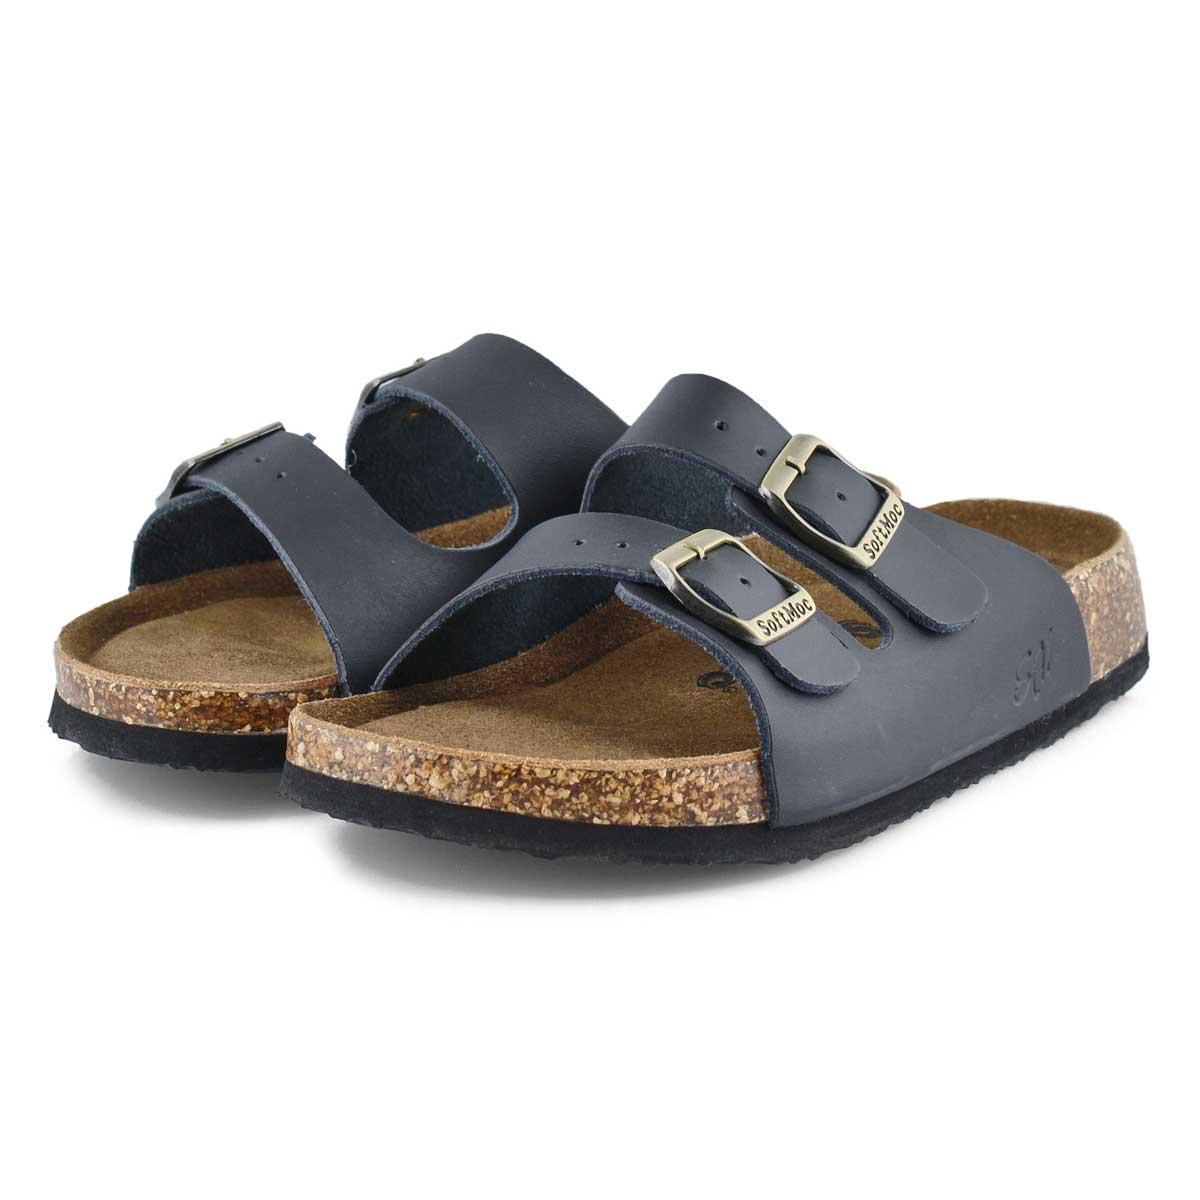 Lds Anna 5 blk memory foam slide sandal